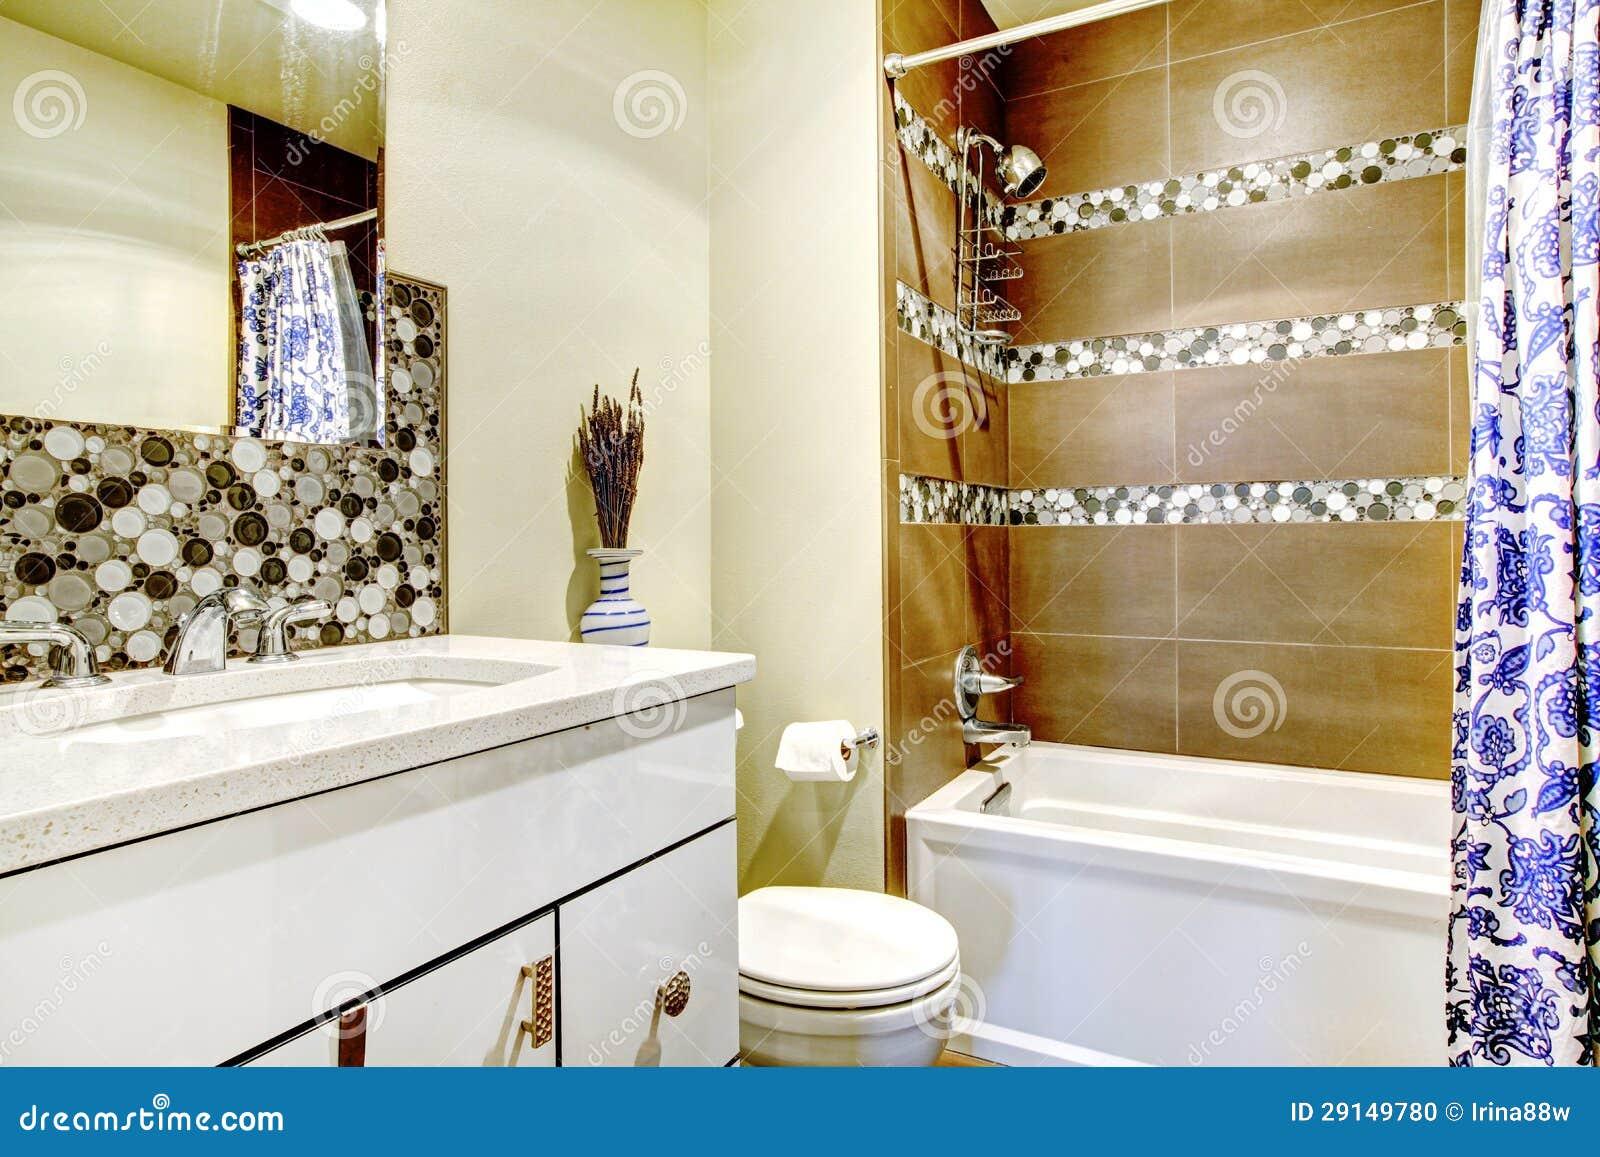 Banheiro Moderno Com Interior Marrom E Azul. Foto de Stock Imagem  #6E3B16 1300x957 Banheiro Azul Com Branco